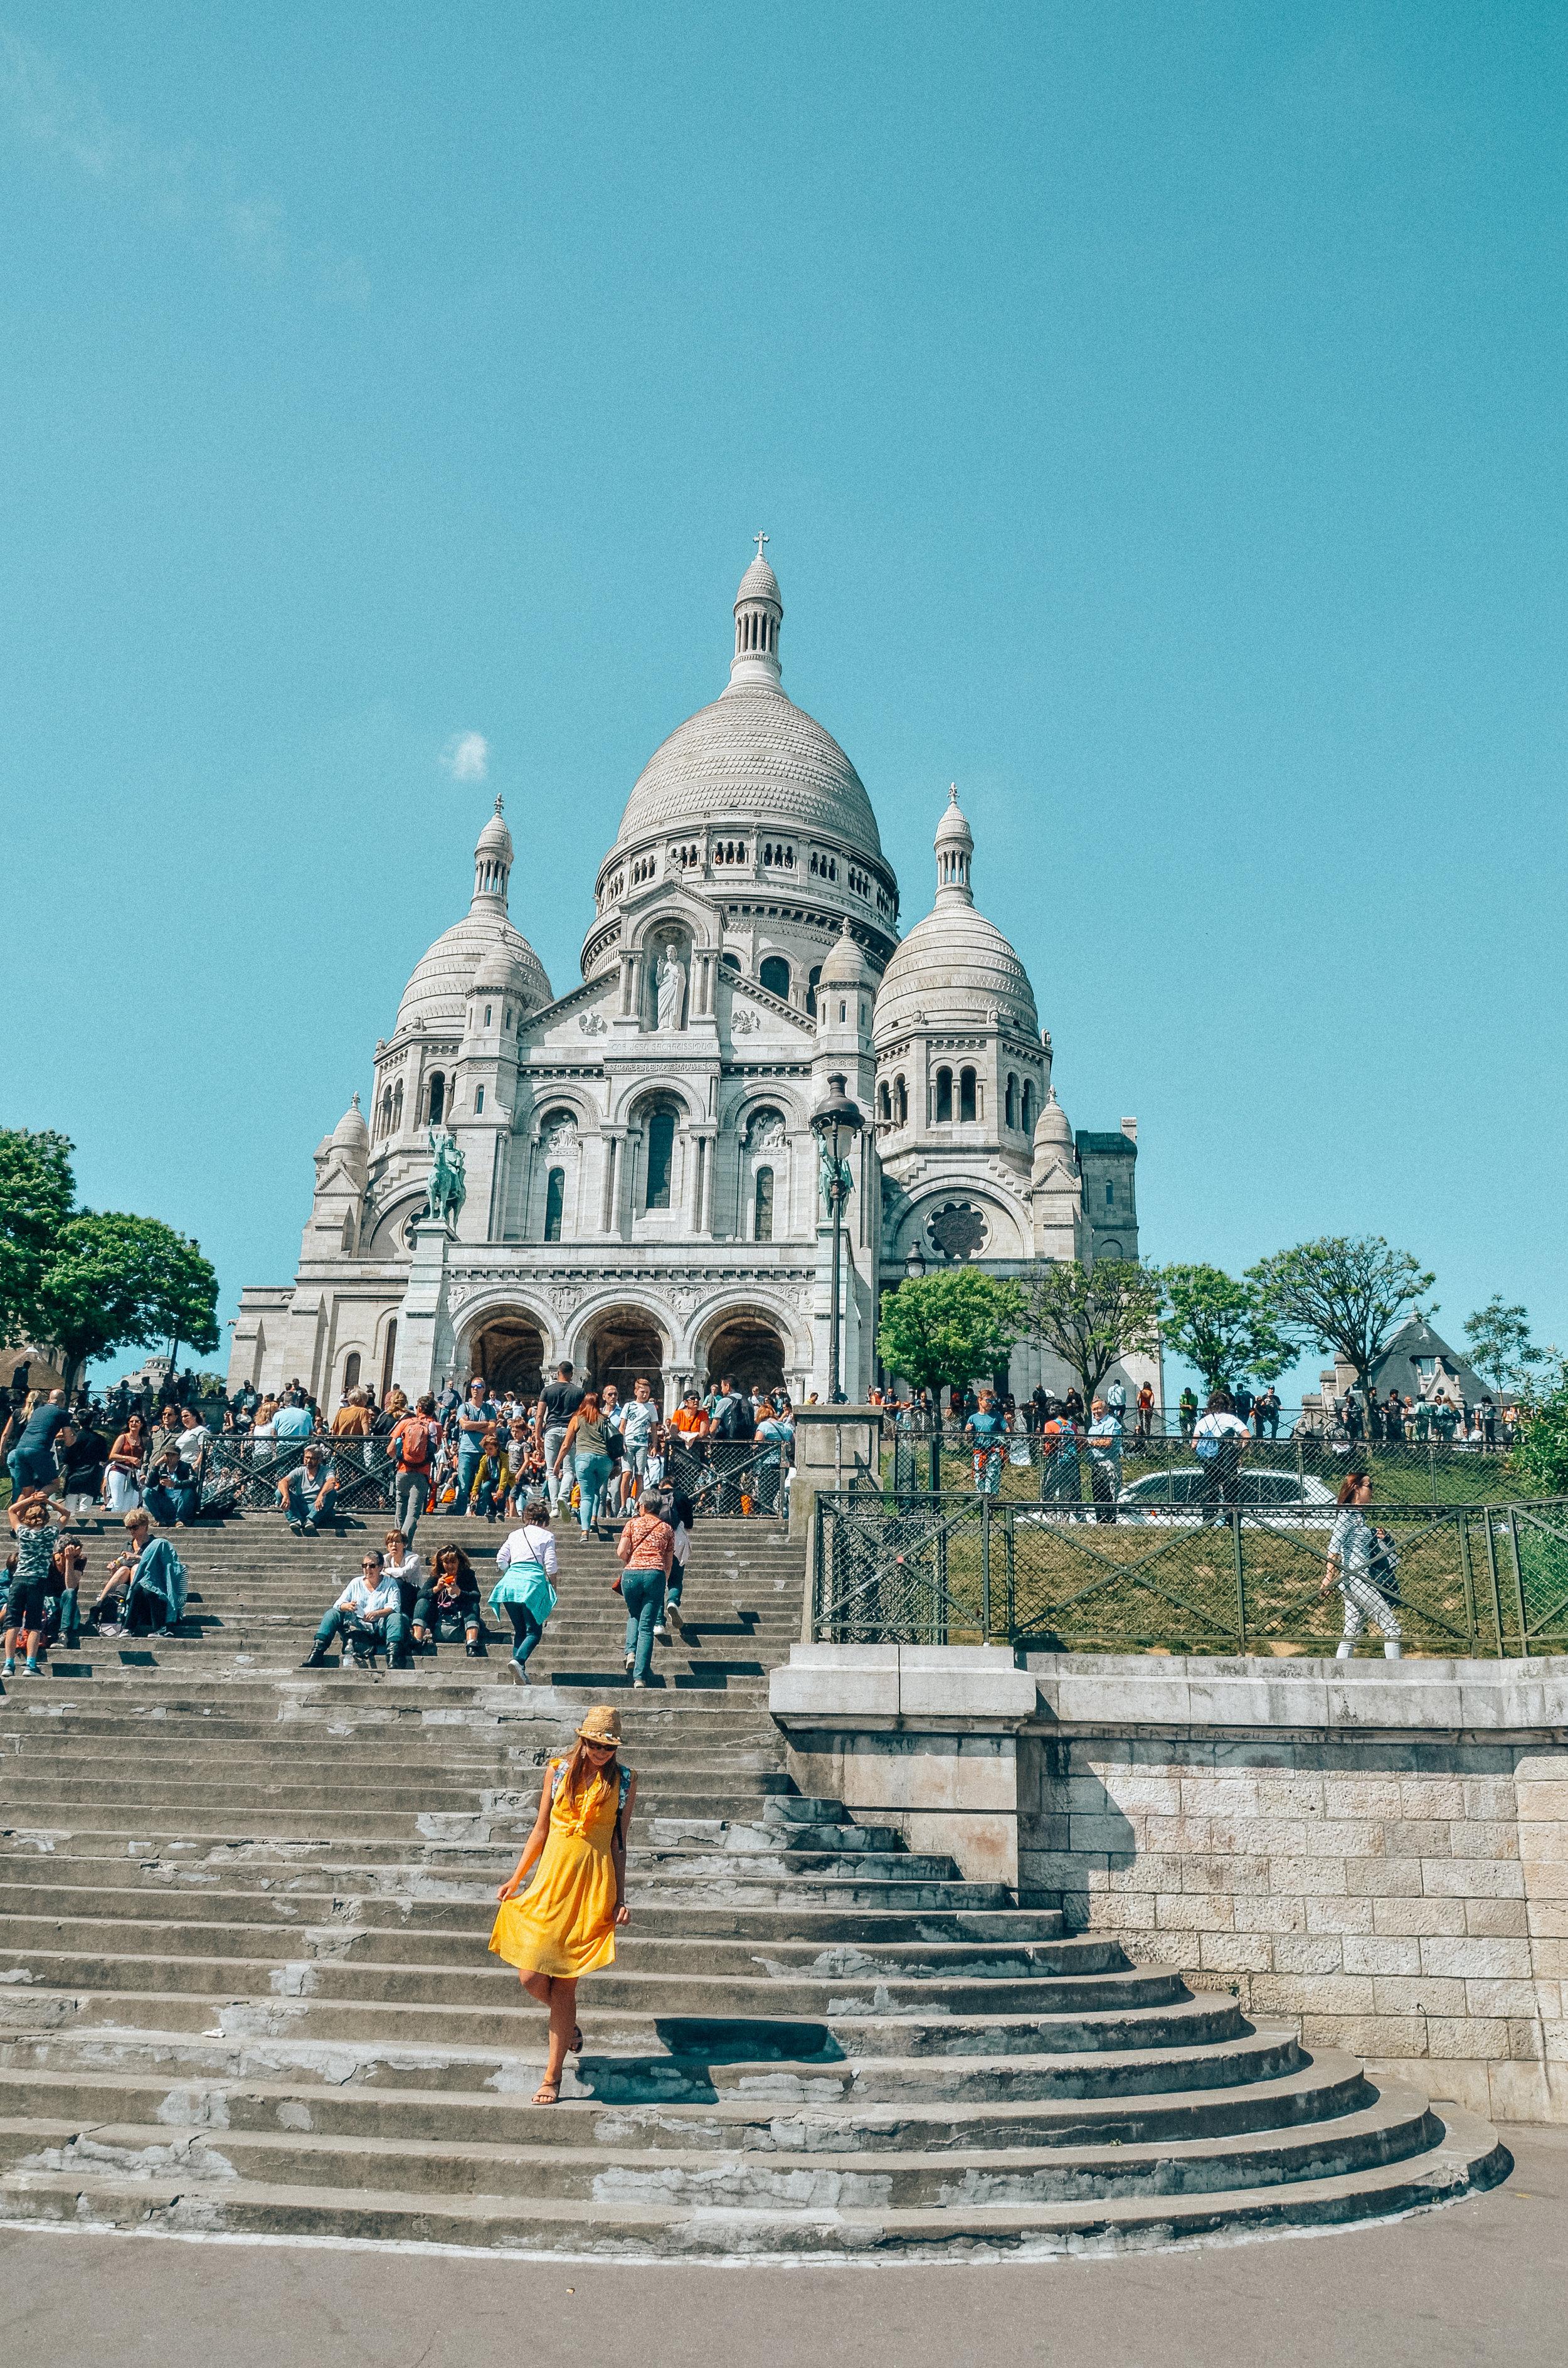 Eén van de allermooiste wijken van Parijs vind ik persoonlijk Montmartre. Montmartre is een hoge heuvel en een wijk in Parijs. Bovenop de heuvel staat de Basiliek de 'Sacre Coeur'. Bovenop de heuvel heb je een prachtig panoramisch uitzicht. Ik hou van de gezellige kleine steegjes, de gekleurde huisjes met groen begroeid, de kunstenaars die er portretten of karikaturen van je maken,... Alleen was het er net iets te druk, maar we waren er net op één van de drukste momenten van de dag. Zoals bij alle toeristische trekpleisters lijkt het me een goed idee om vroeg op te staan, dan zie je de plaatsen zonder de massa. Maar hé ik heb genoten van ons bezoekje aan Montmartre en uiteraard mocht 'La Maison Rose' niet ontbreken. Dat prachtige roze caféetje met de sierlijke letters. We wandelden iets verder, de grote drukte uit en we dronken iets op een gezellig terrasje. Want dat is ook Parijs. De kleine steegjes en pleintjes, achter de hoek van de toeristische trekpleisters, die vaak onverwacht ook héél erg gezellig blijken te zijn.  I personally think that Montmartre is one of the most beautiful places in Paris. Montmartre is a high hill and a neighborhood in Paris. On top of the hill one can find the Basilica the Sacre Coeur. On top of the hill you have a beautiful panoramic view. I love the cozy little alleys, the colored houses with greenery, the artists who make portraits or caricatures of you, ... Only it was just a little too crowdy, but we were there just at one of the busiest times of the day. As with all tourist attractions it seems like a good idea to get up early, then you see the places without the crowd. But hey I enjoyed our visit to Montmartre and of course 'La Maison Rose' had to be on our list! That beautiful pink cafe with the ornate letters. We walked a little further, away from the the big crowds and we drank something on a cozy terrace. Because that is also Paris. The small alleys and squares, behind the corner of the tourist attractions, which often unexp